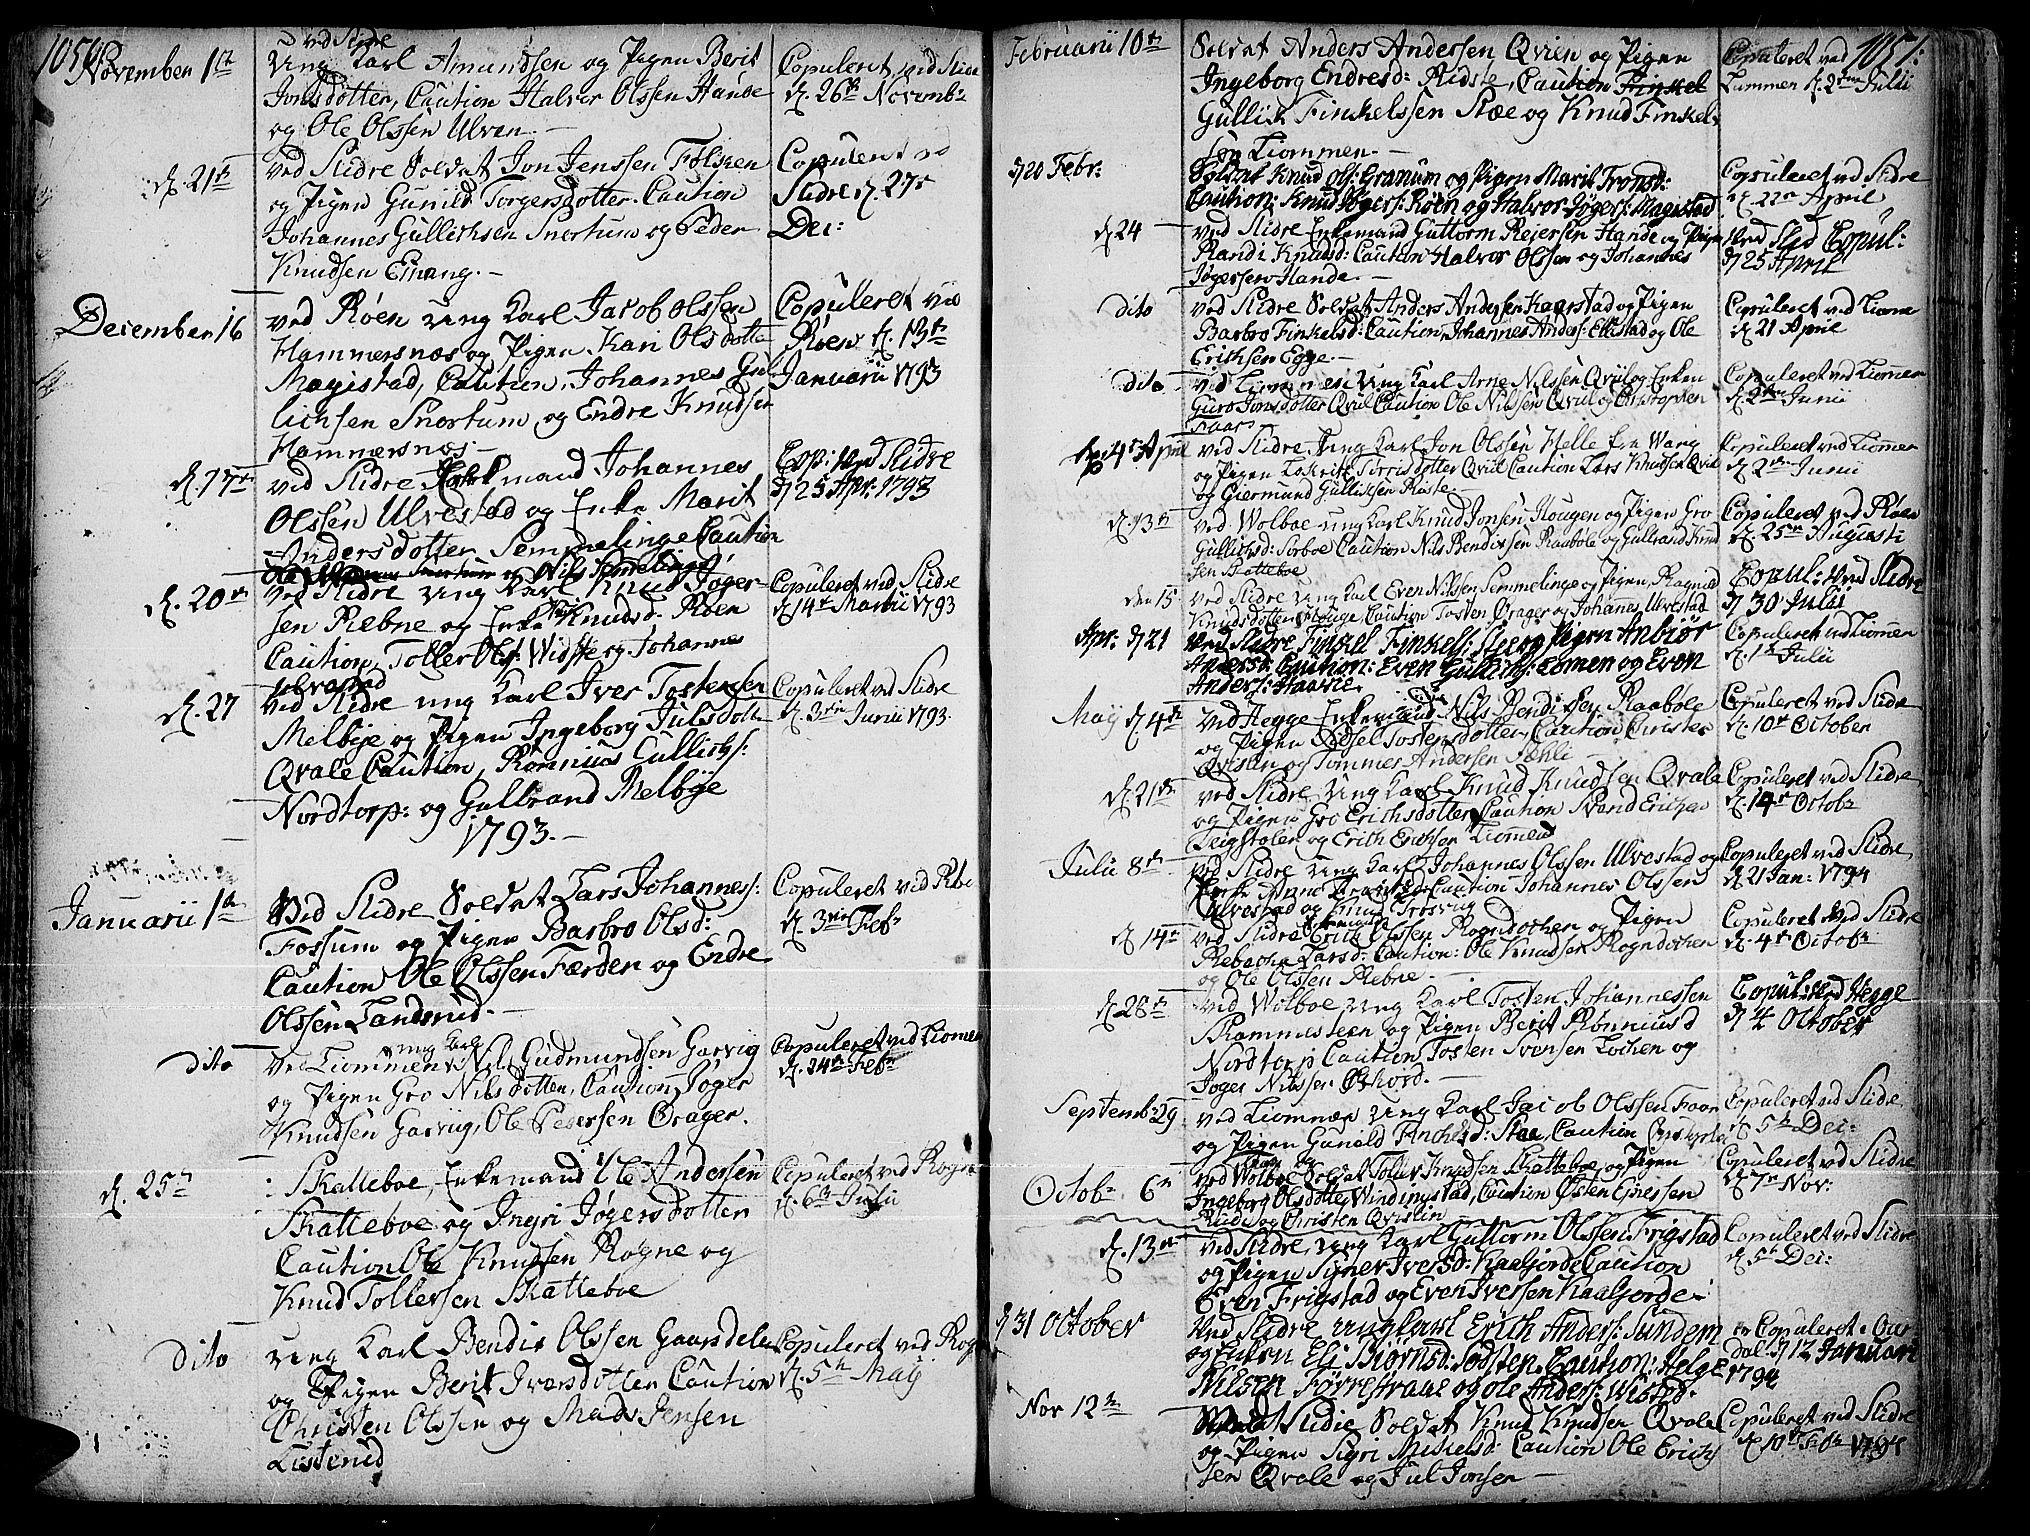 SAH, Slidre prestekontor, Ministerialbok nr. 1, 1724-1814, s. 1050-1051